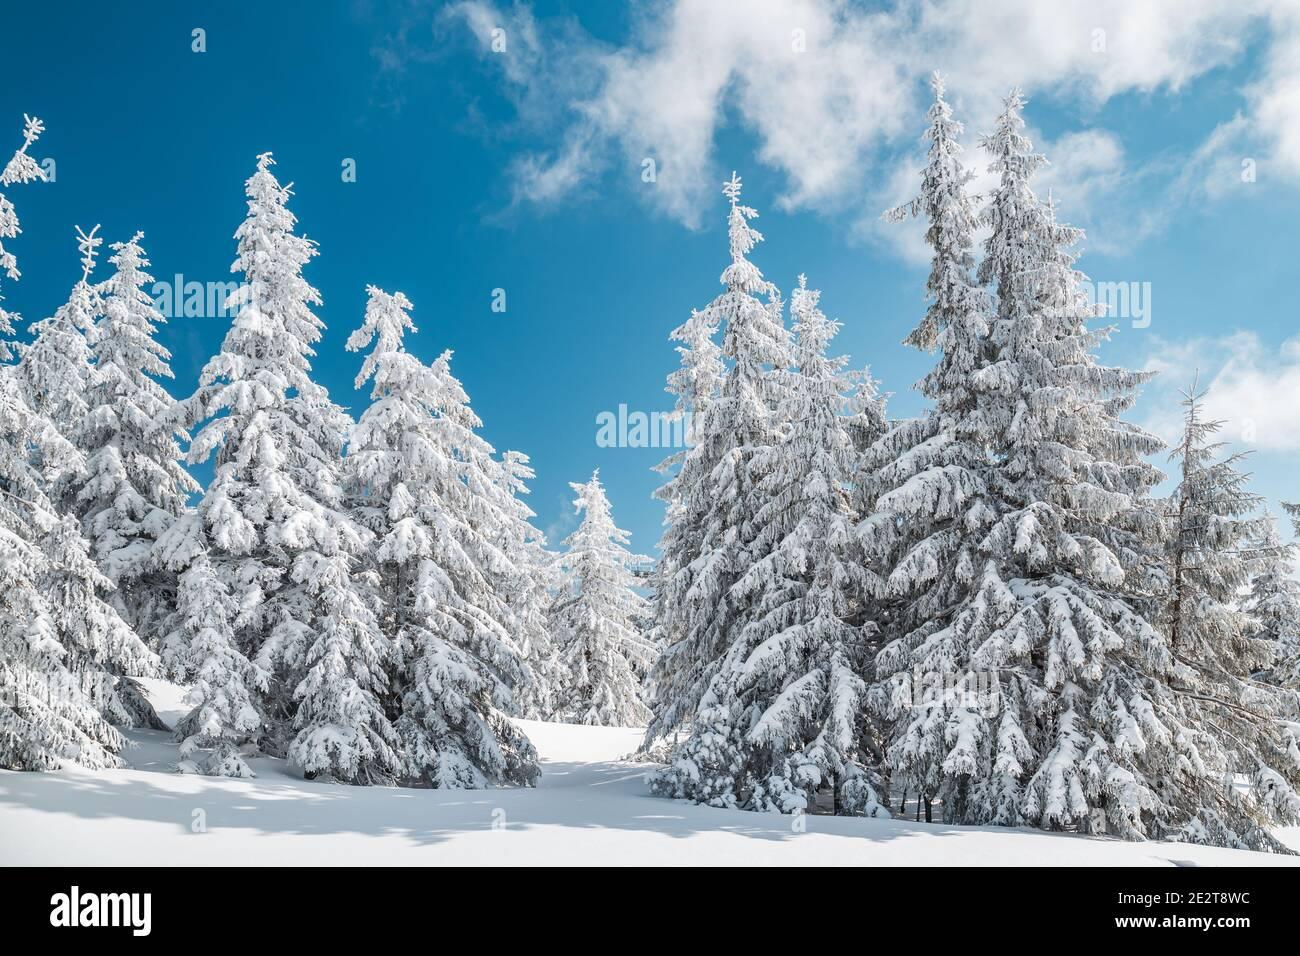 Majestuosos árboles de brucas blancas brillando por la luz del sol contra el cielo azul oscuro. Magnífica escena invernal. Lugar lugar república Checa, Krkonose. Foto de stock